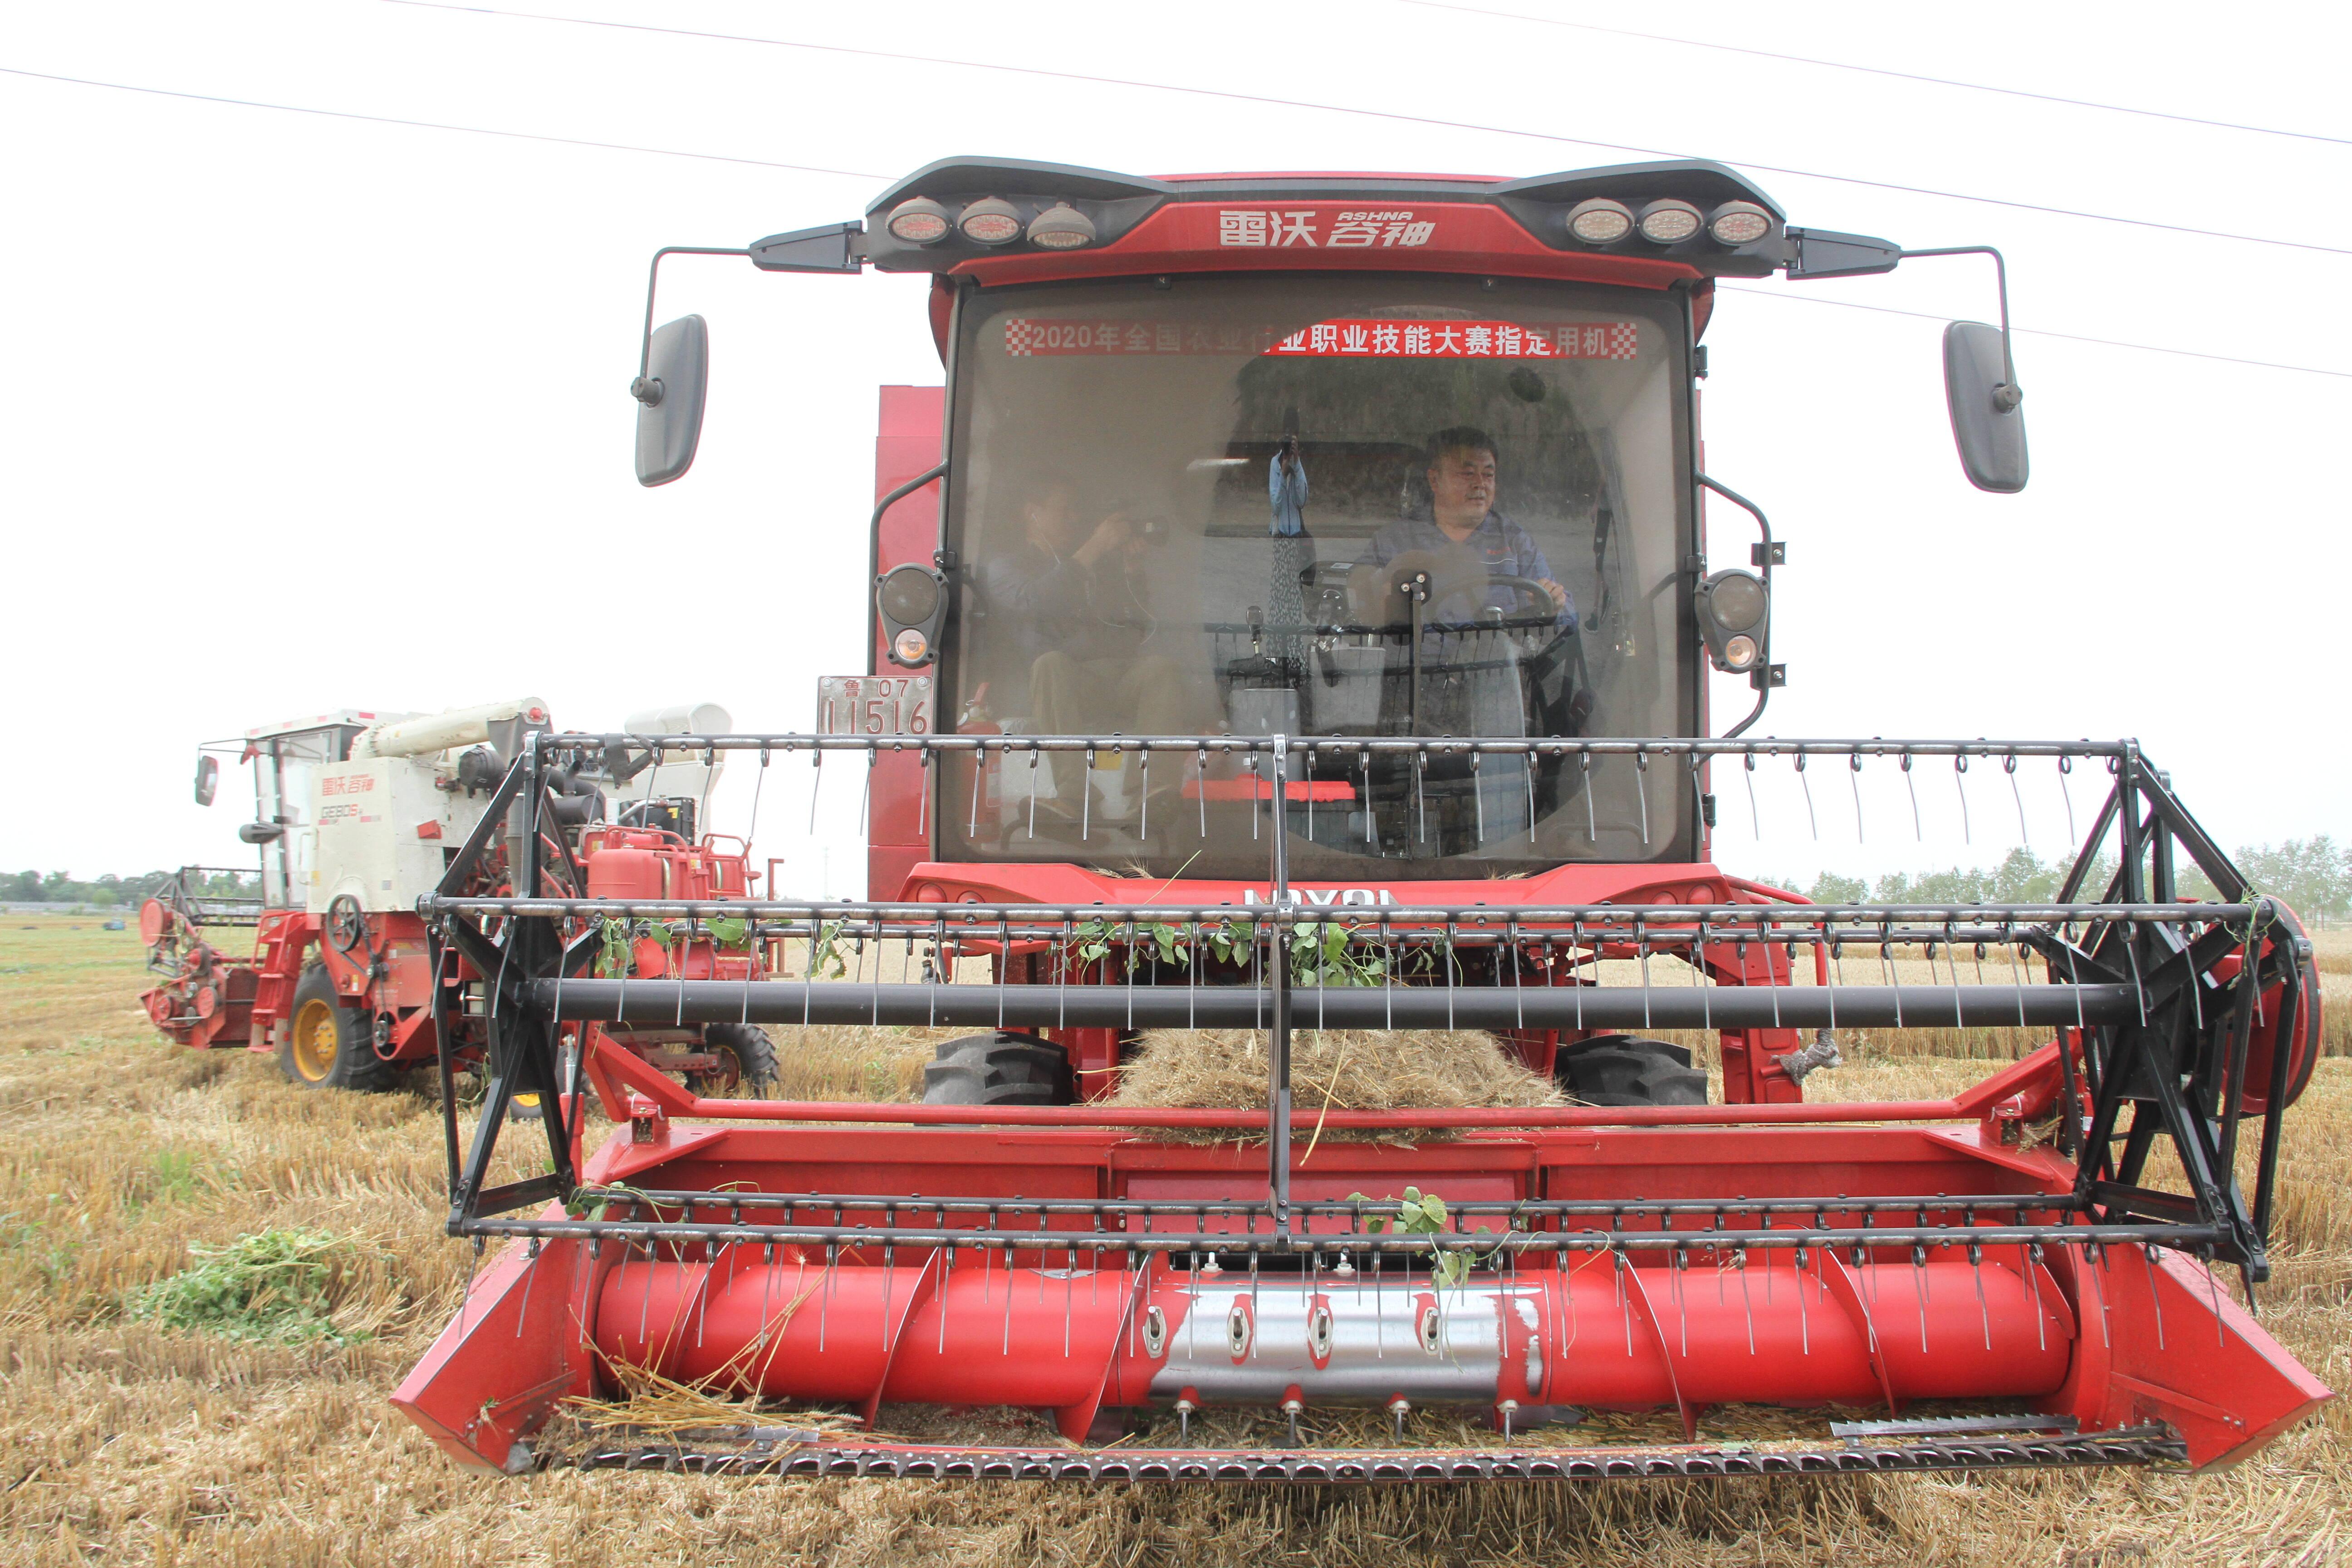 潍坊惠民农作物种植合作社6535亩济麦44喜获丰收